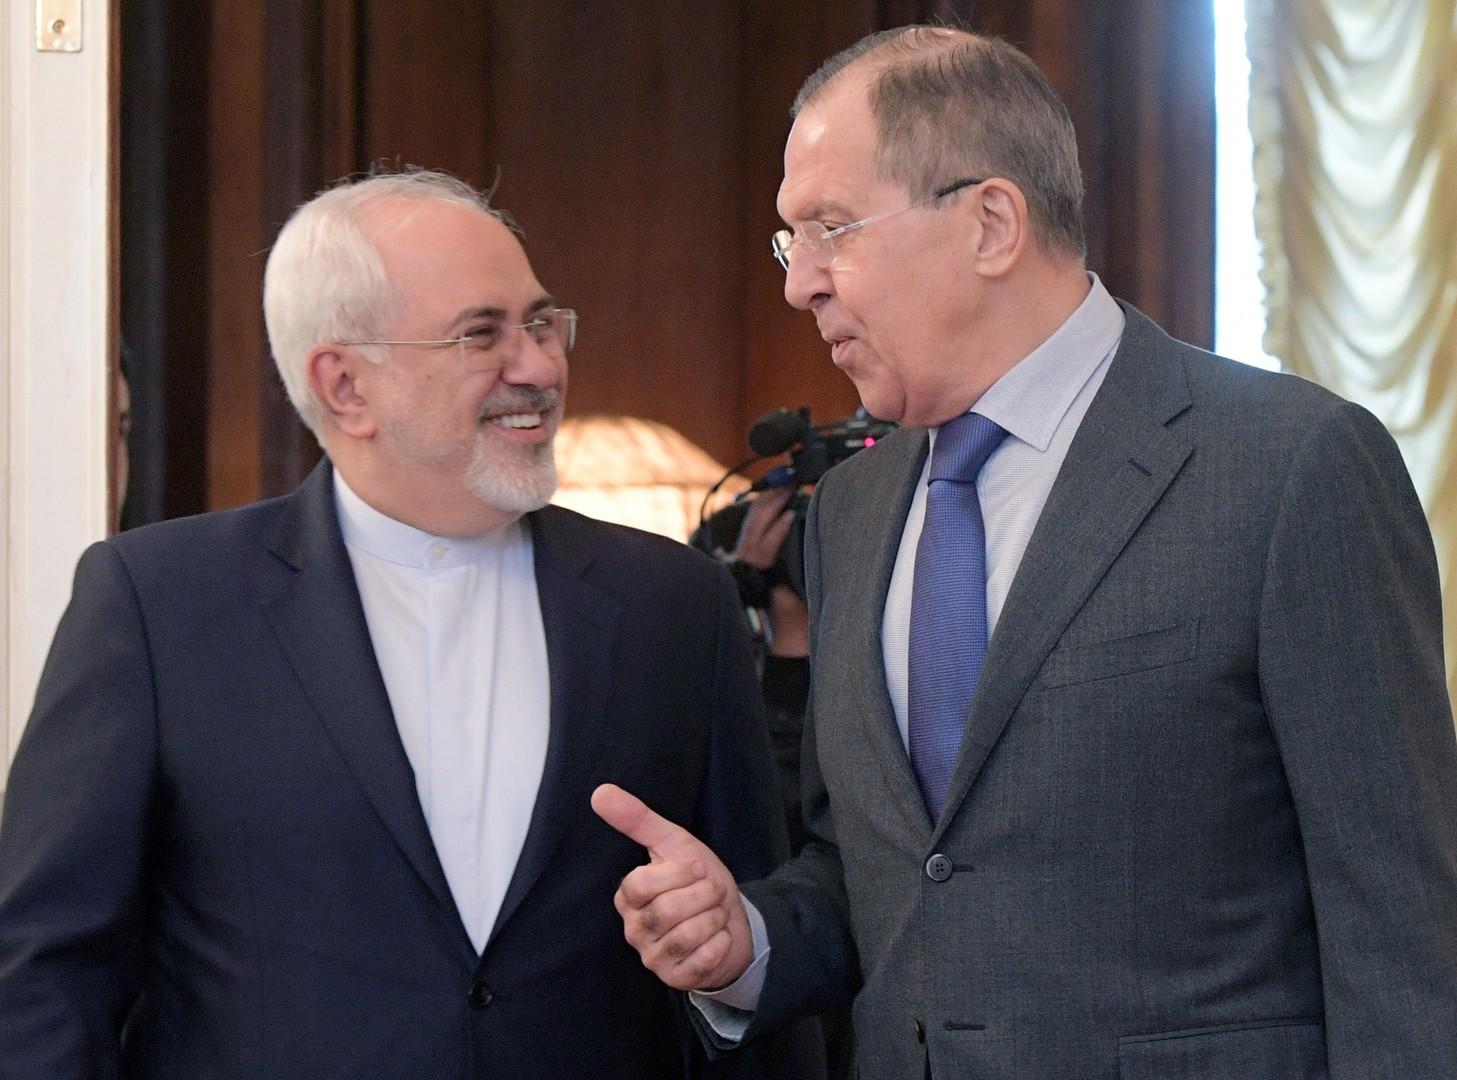 وزير الخارجية الروسي، سيرغي لافوروف، ونظيره الإيراني، محمد جواد ظريف (موسكو، 14 أبريل 2017)